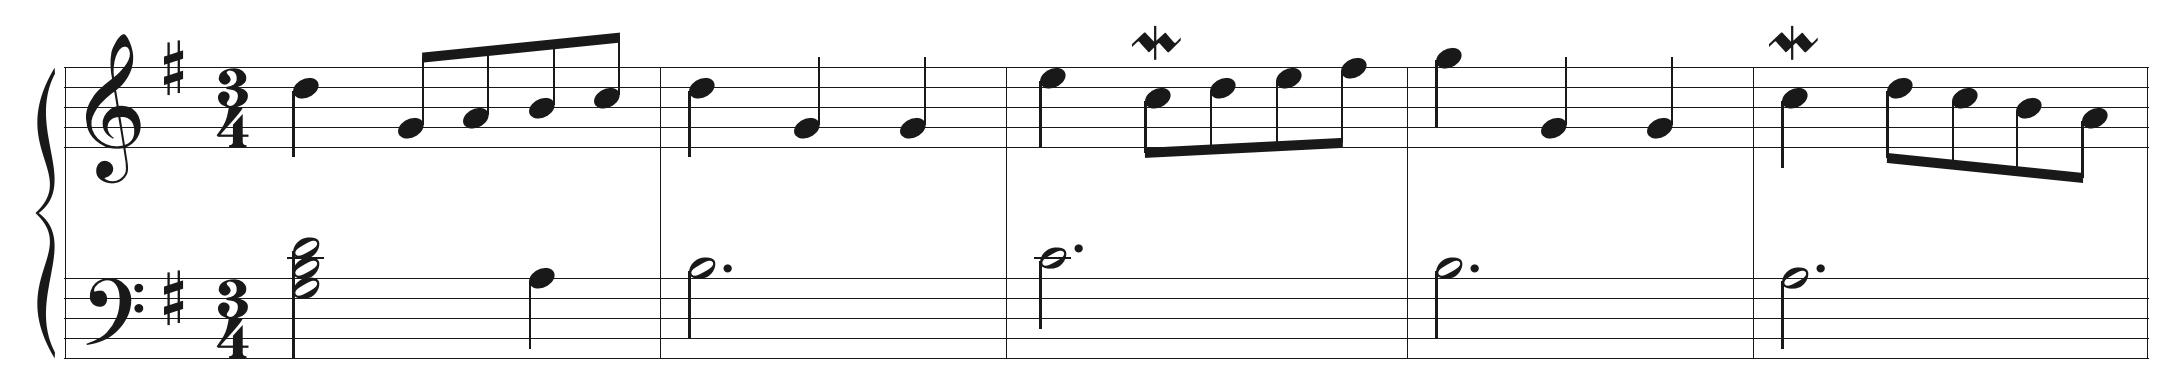 Bach Minuet